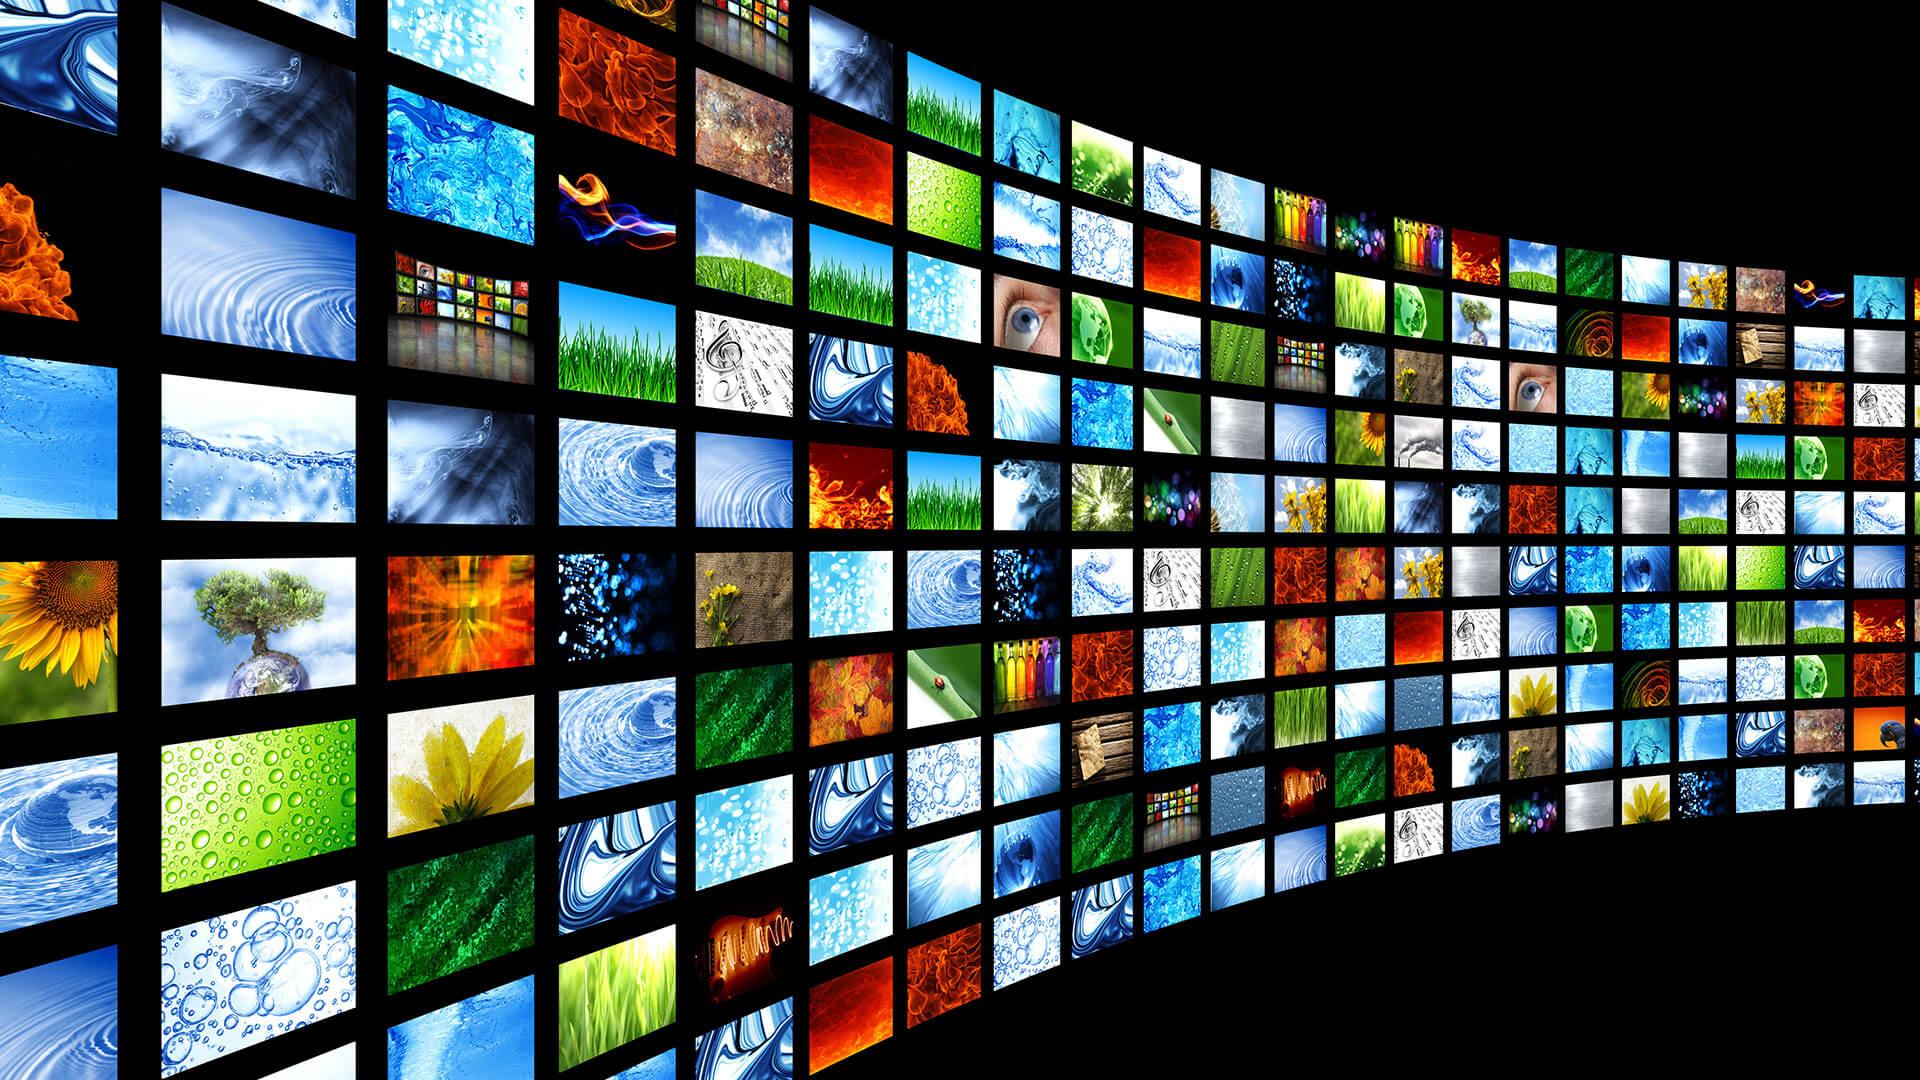 Speciale Digital-News.it | Televisioni di stato - Continente Europa